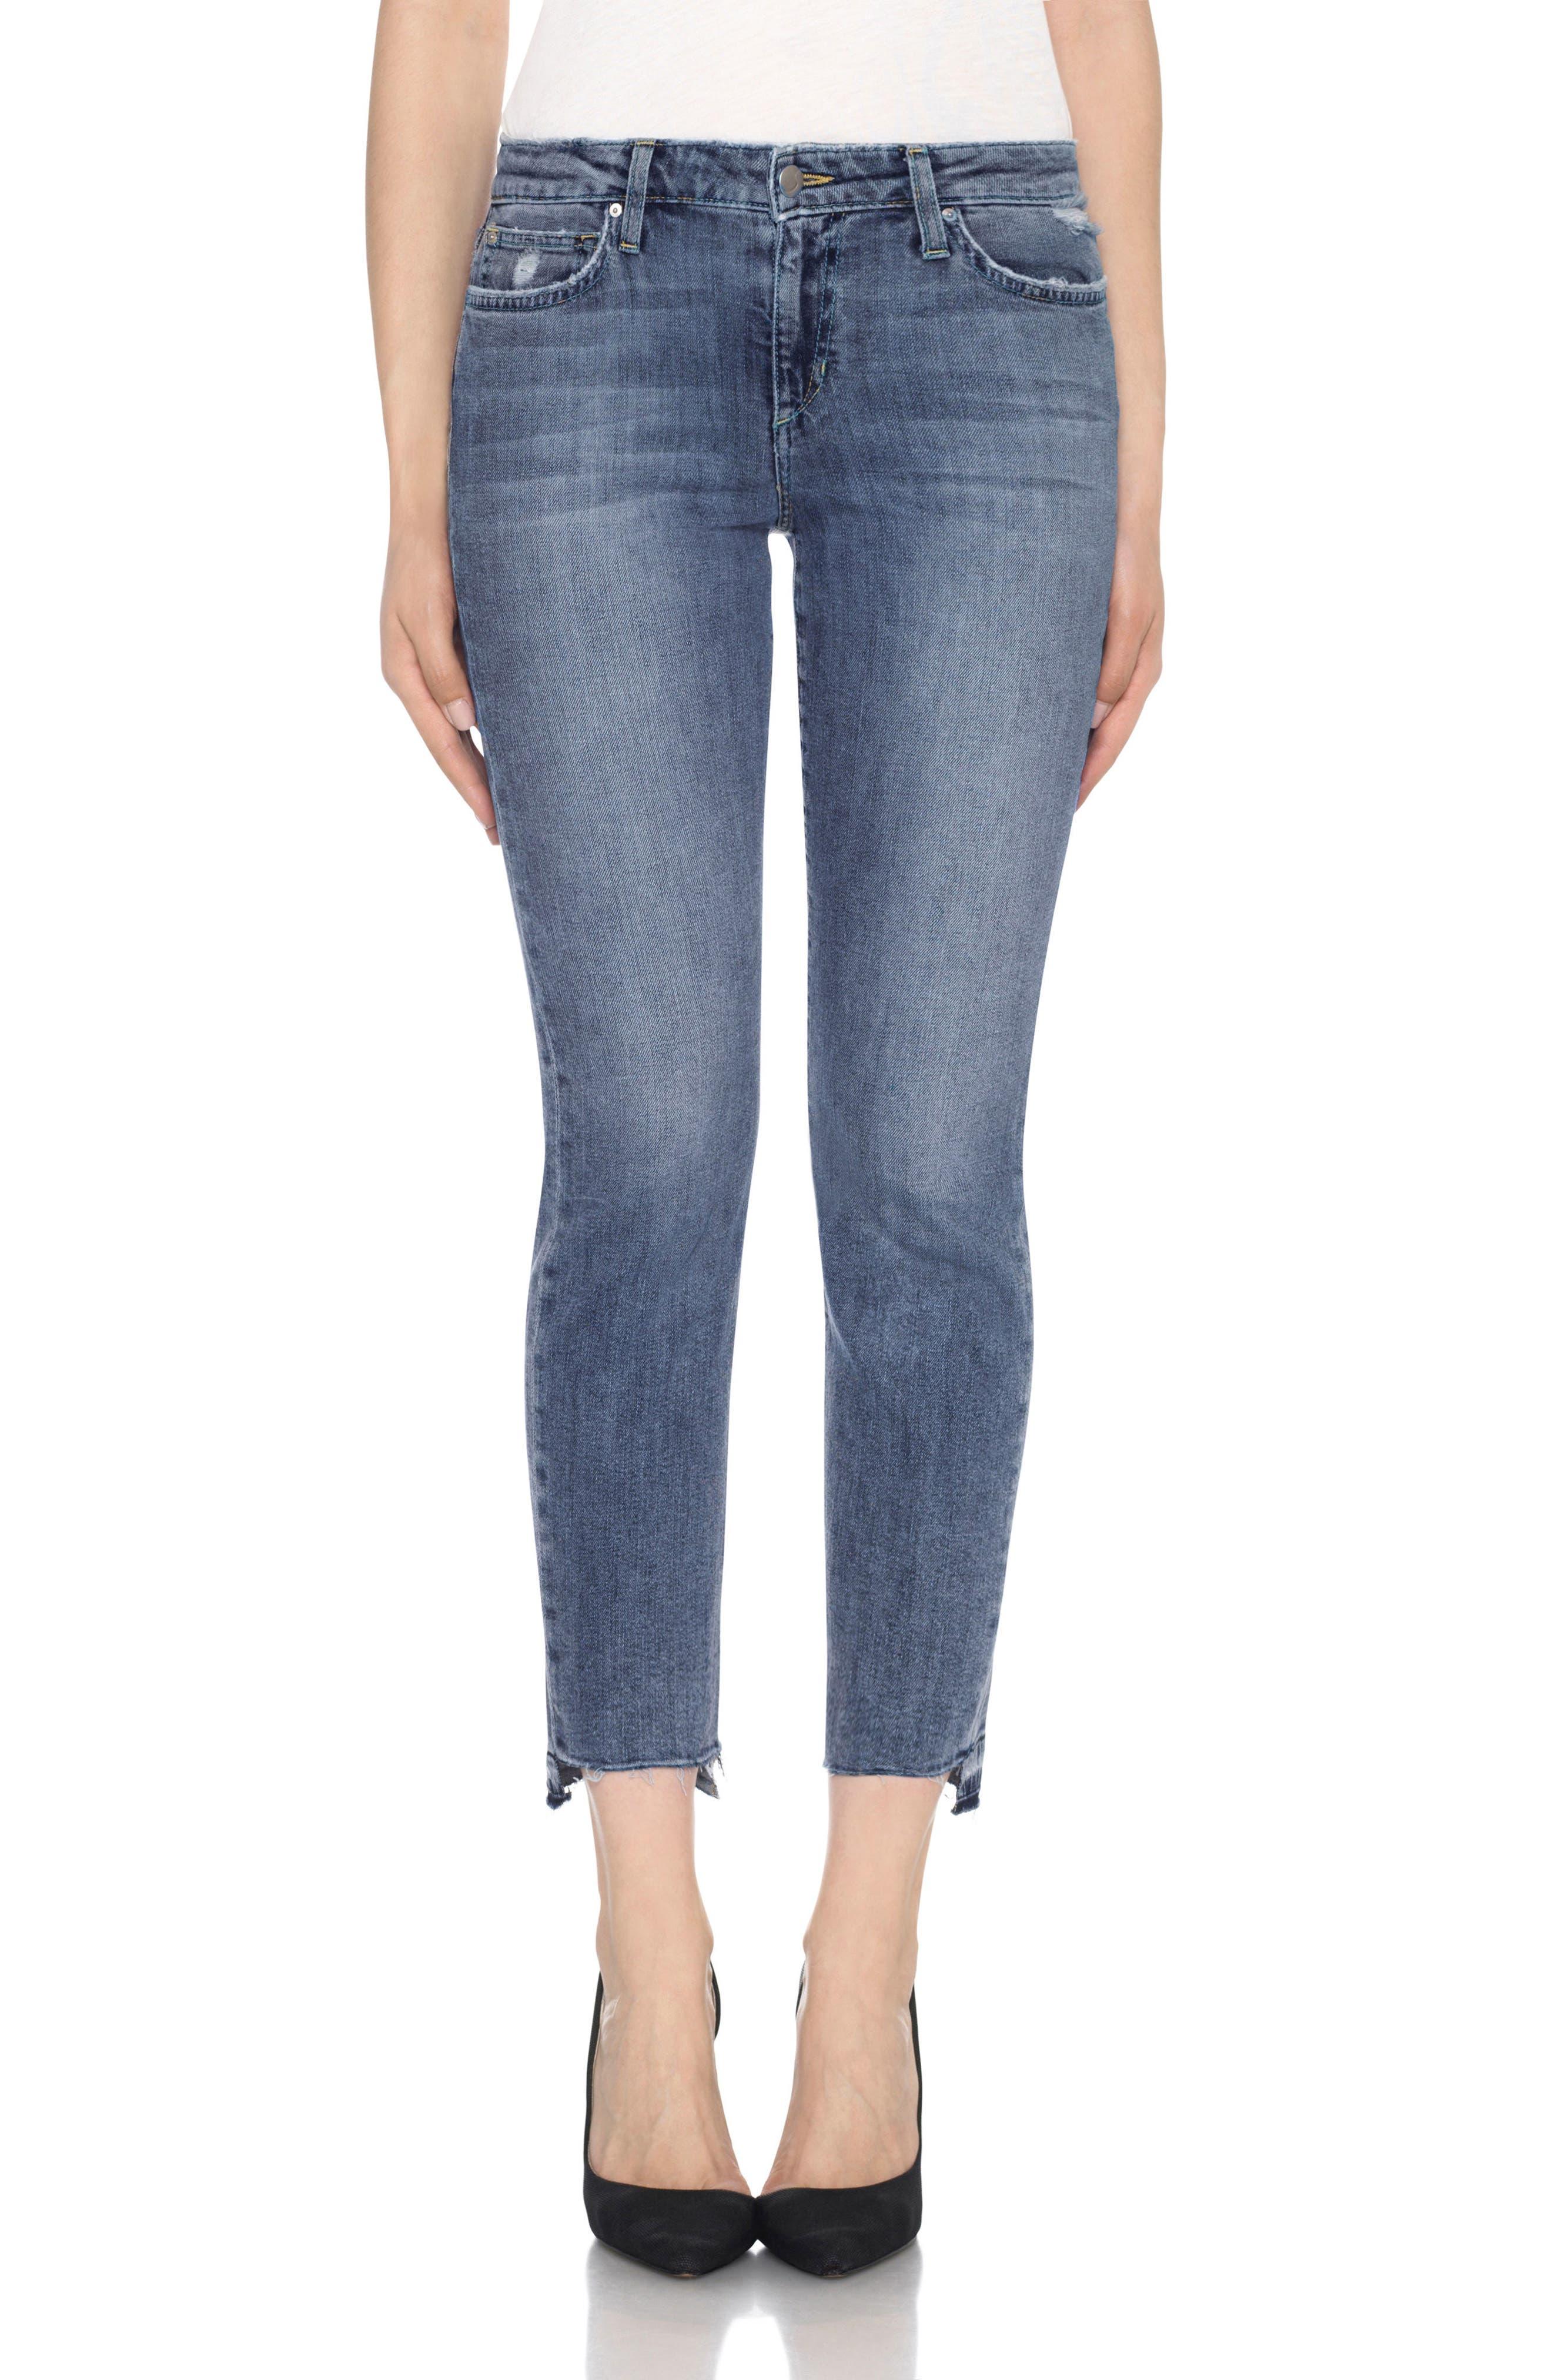 JOES Cigarette Leg Ankle Jeans